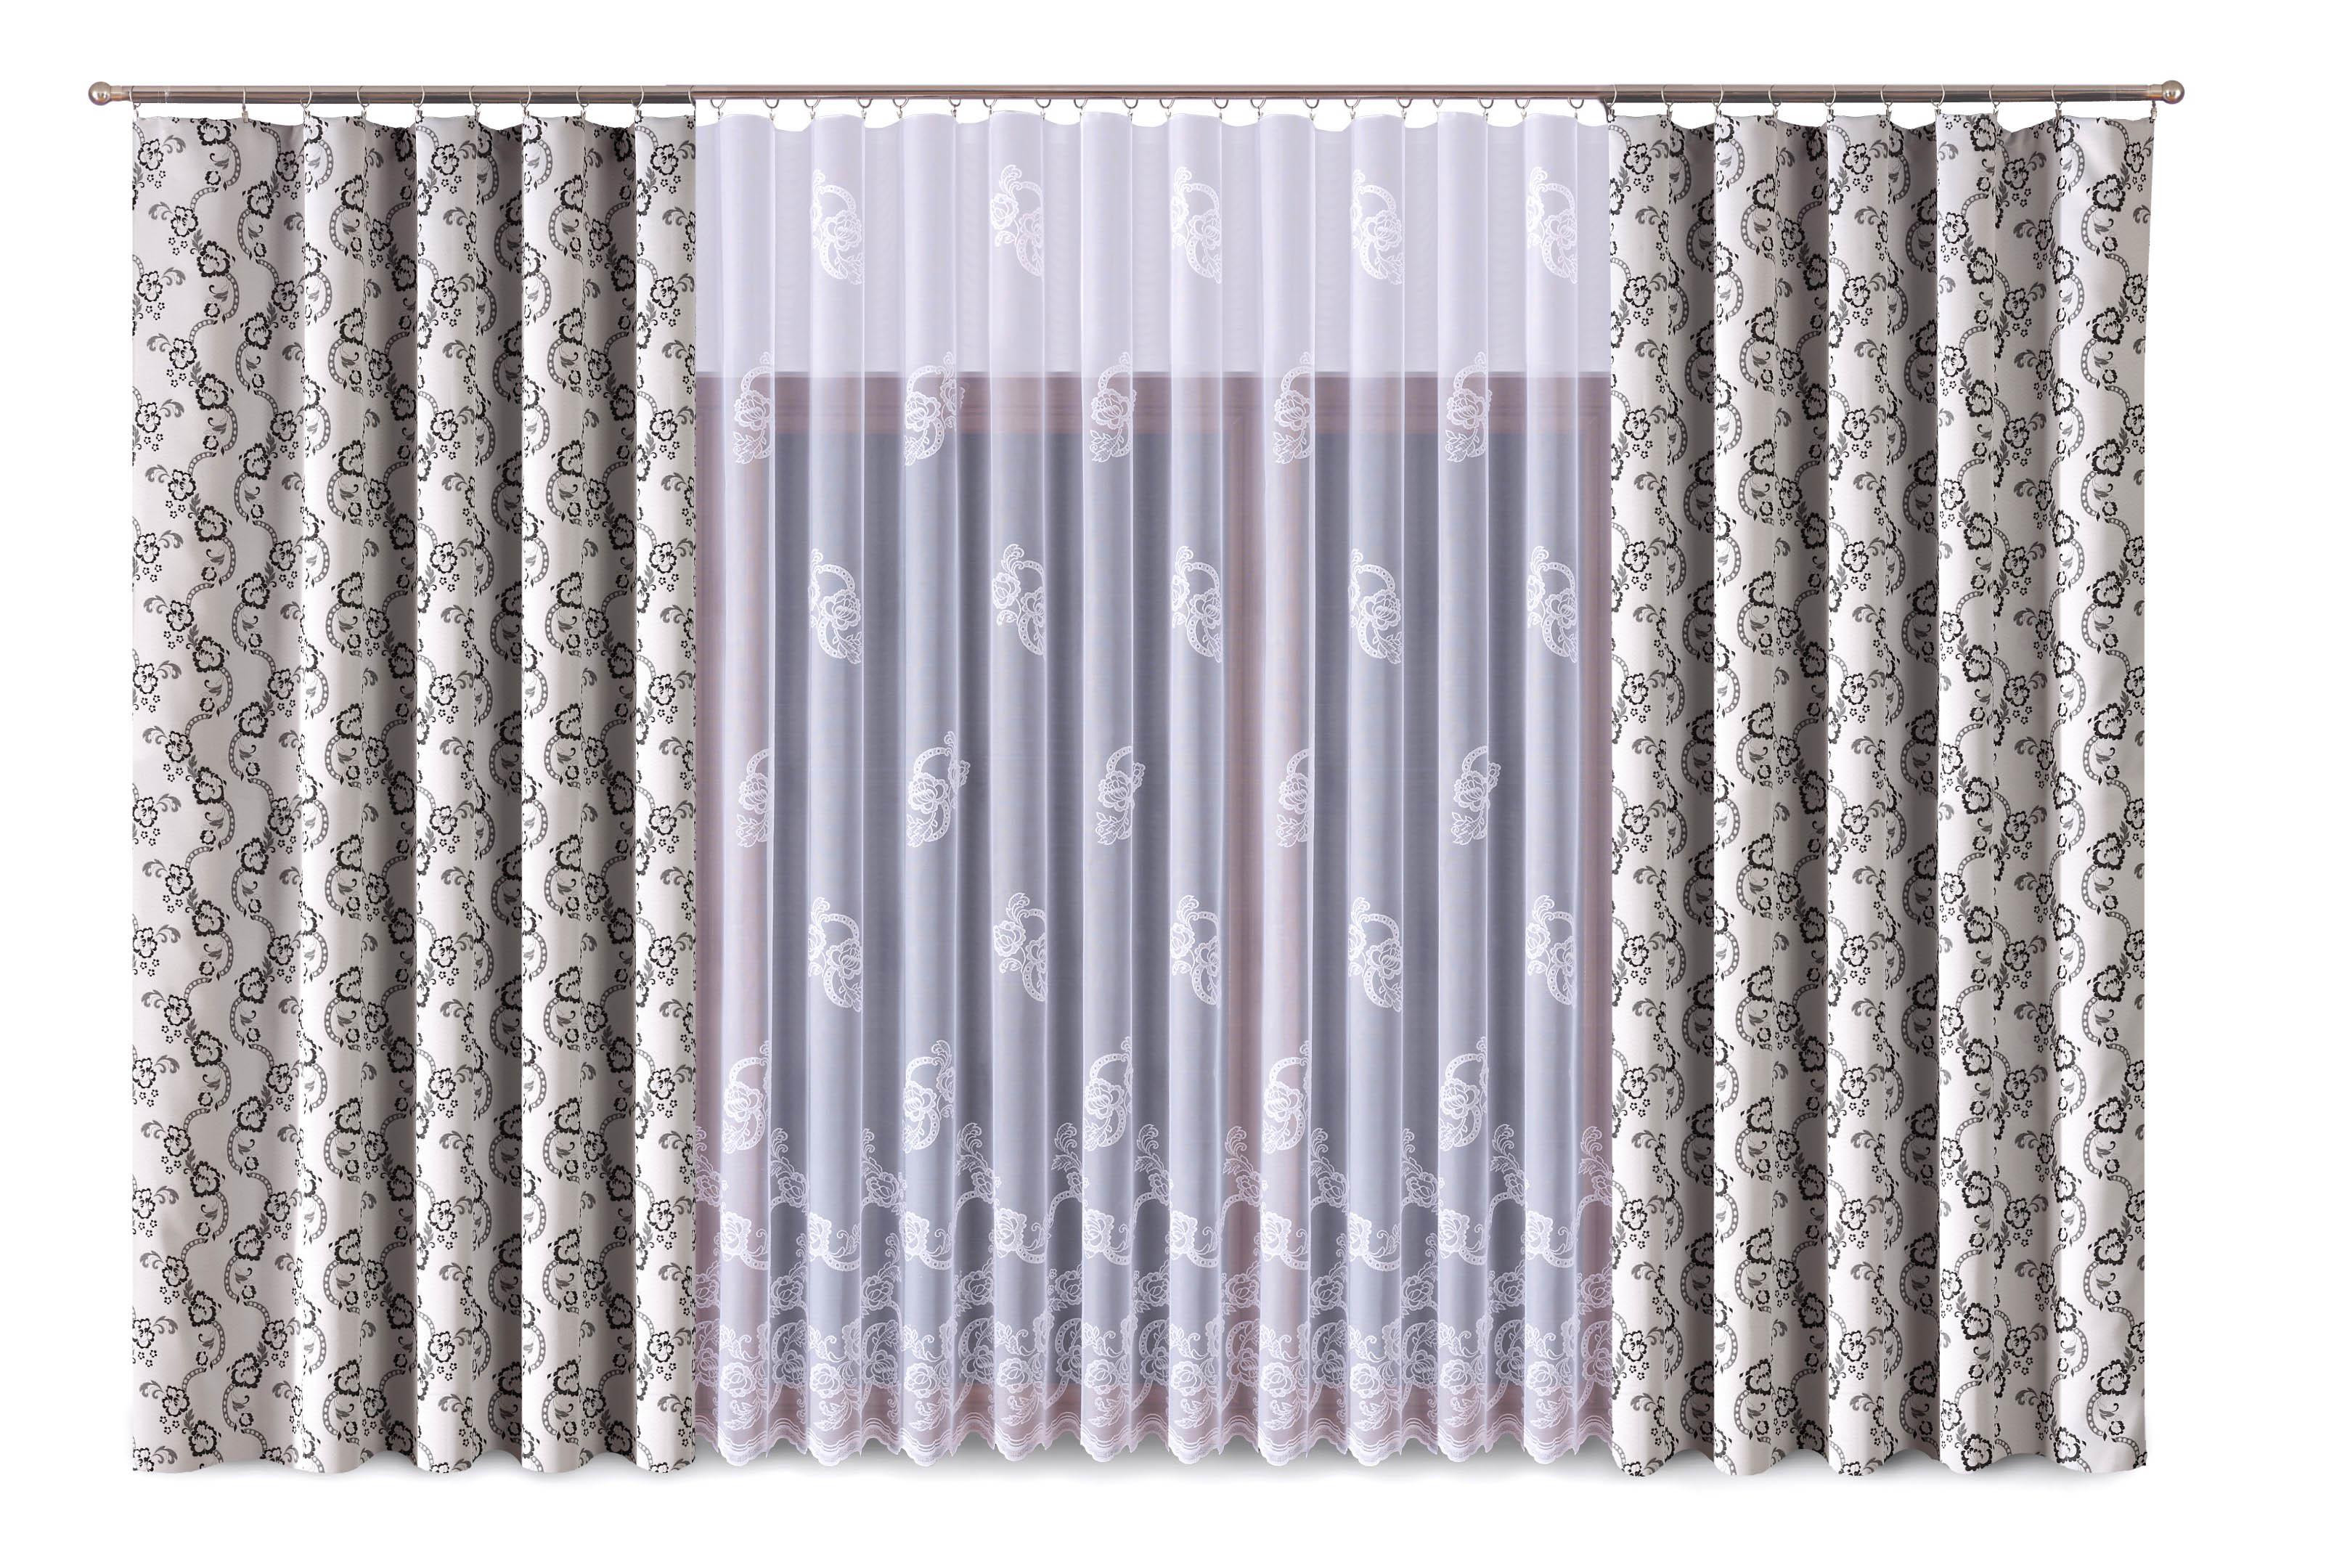 Шторы Primavera Классические шторы Zechariah Цвет: Серый-Белый шторы primavera классические шторы didi цвет белый